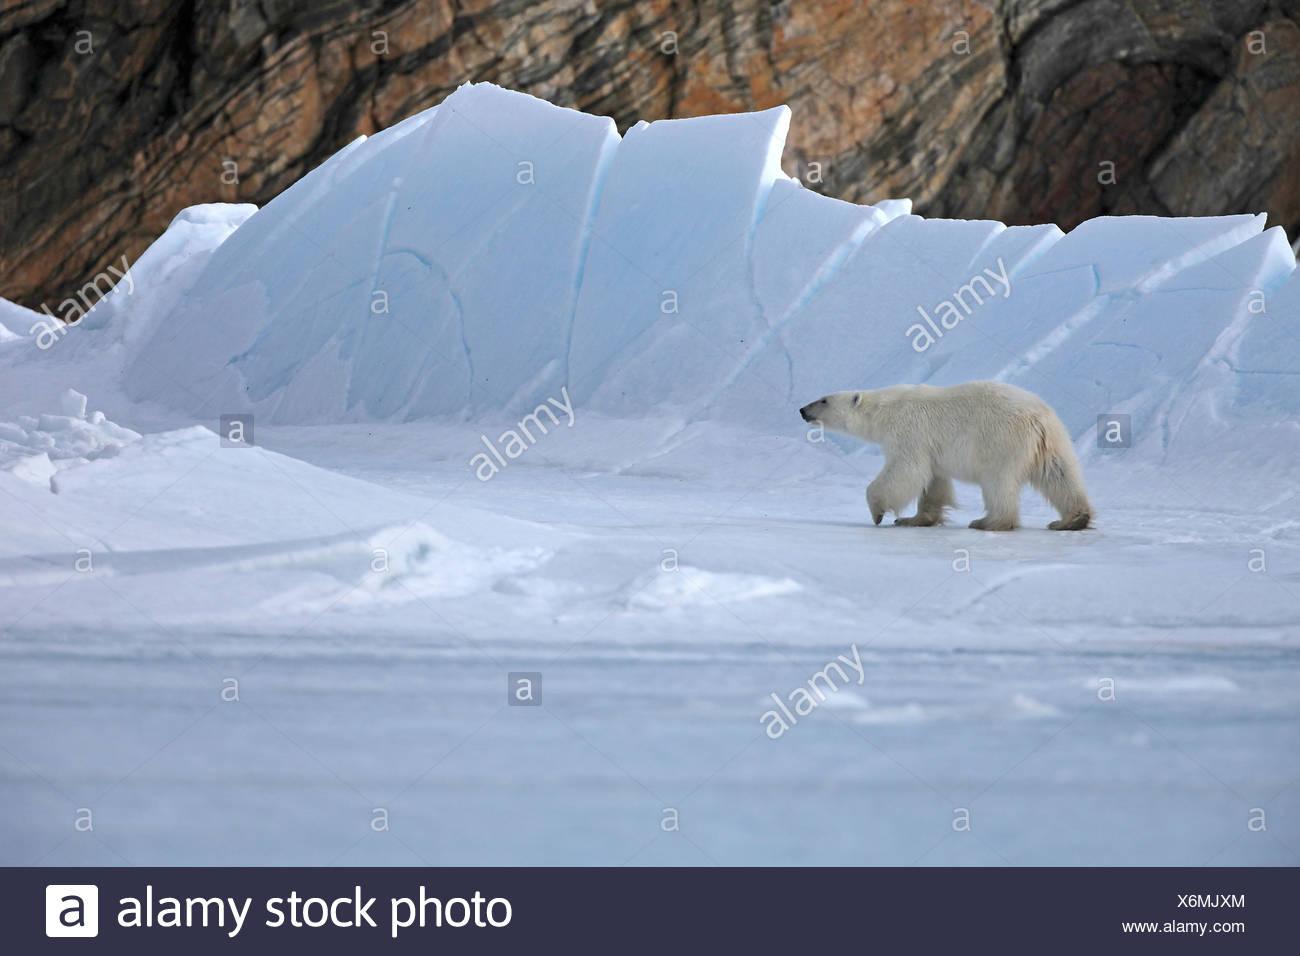 polar bear (Ursus maritimus), walking through arctic landscape, Canada, Nunavut - Stock Image